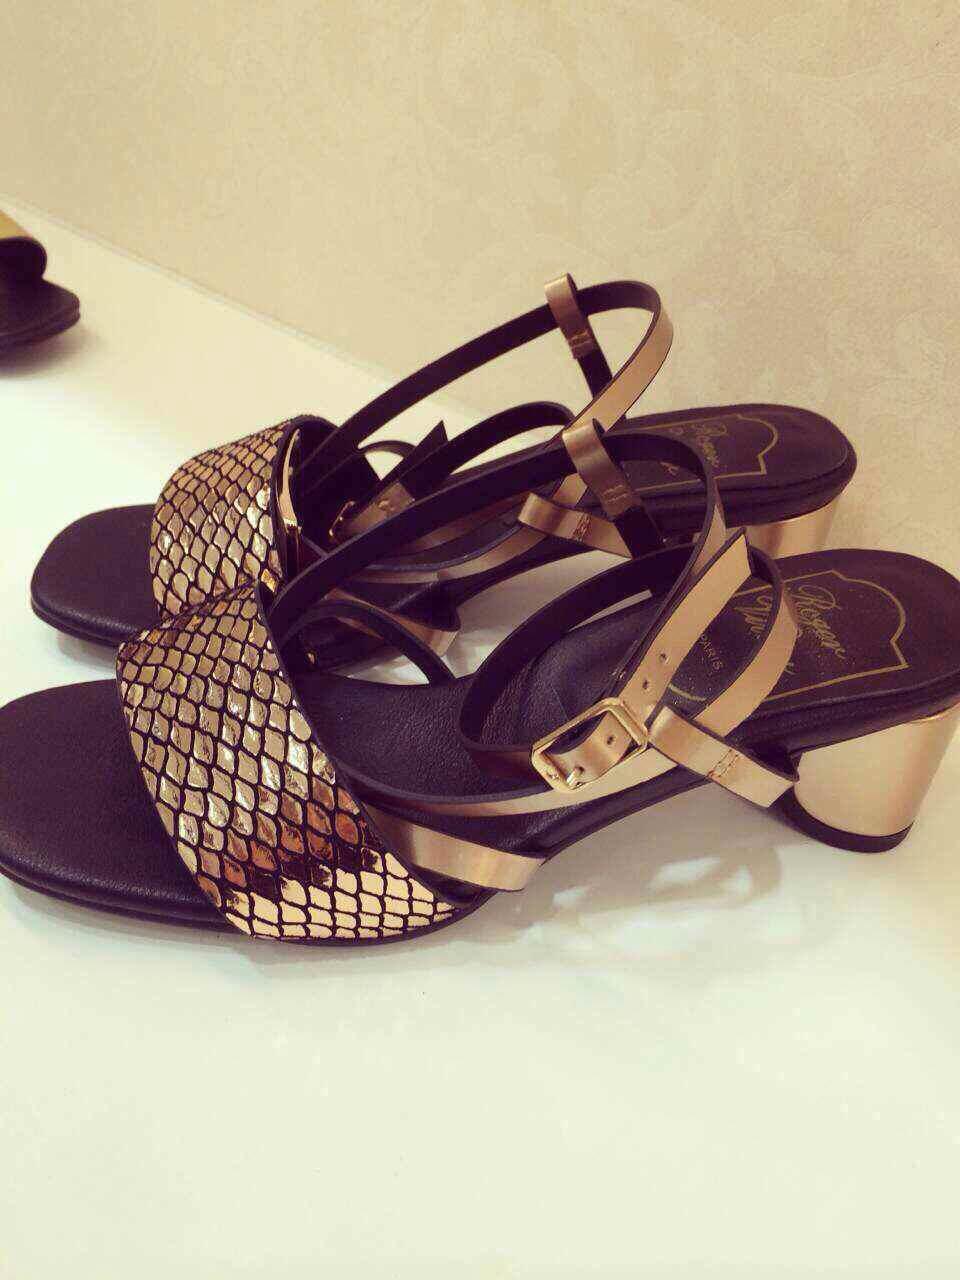 mature women low heel sandal shoes simple fashion design sandals